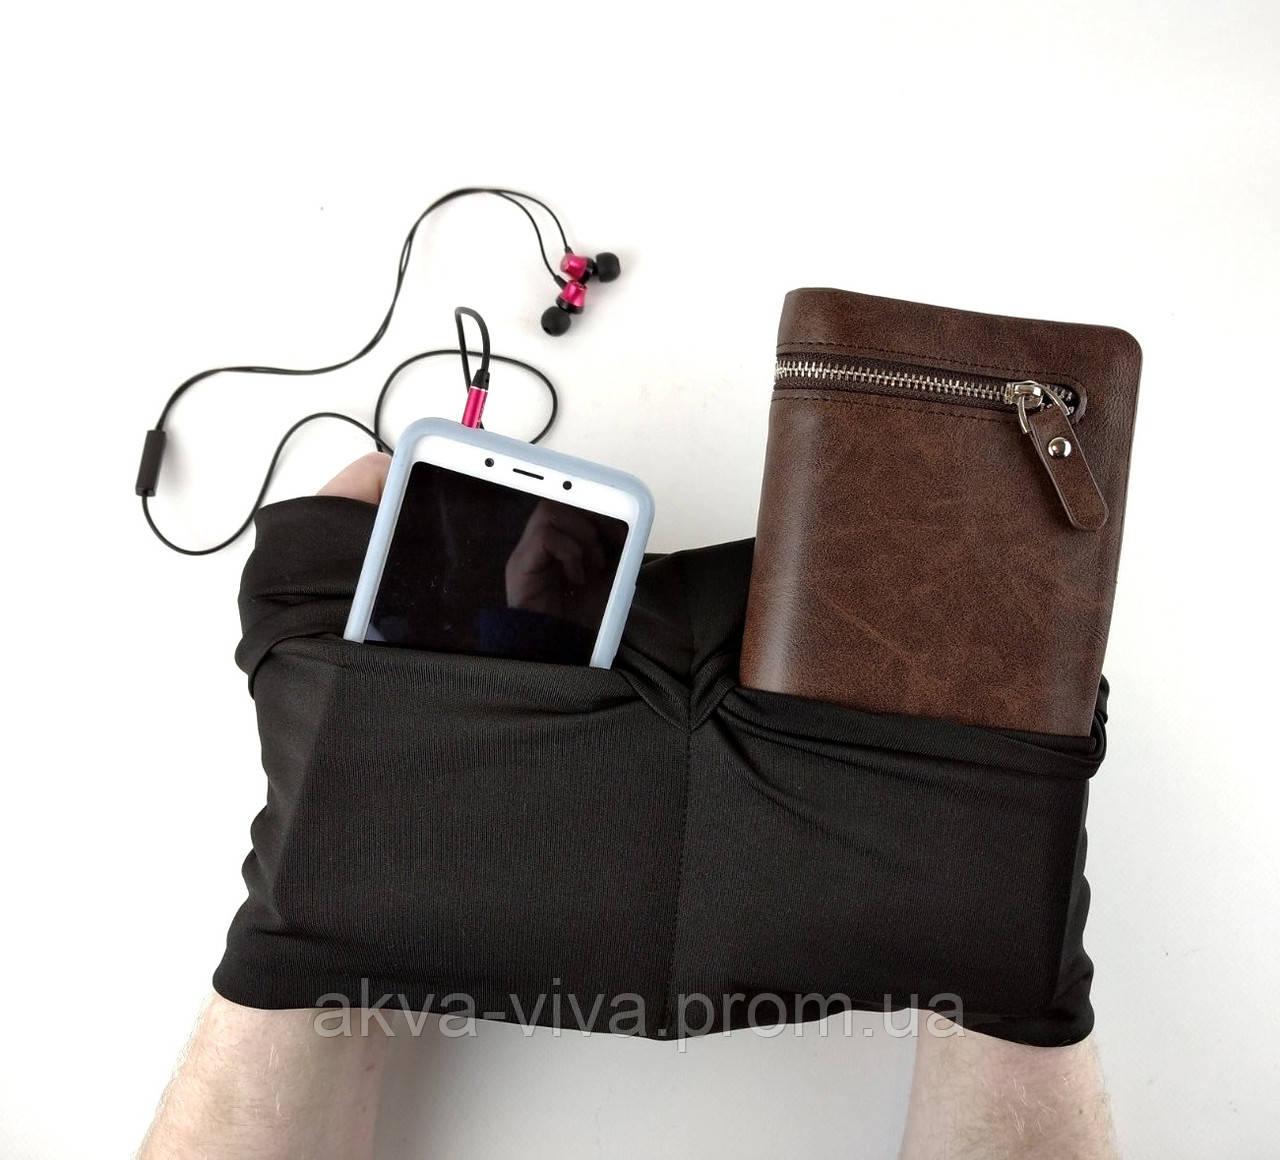 Сумка поясная спортивная для телефона, кошелька, наушников (СНП-101)